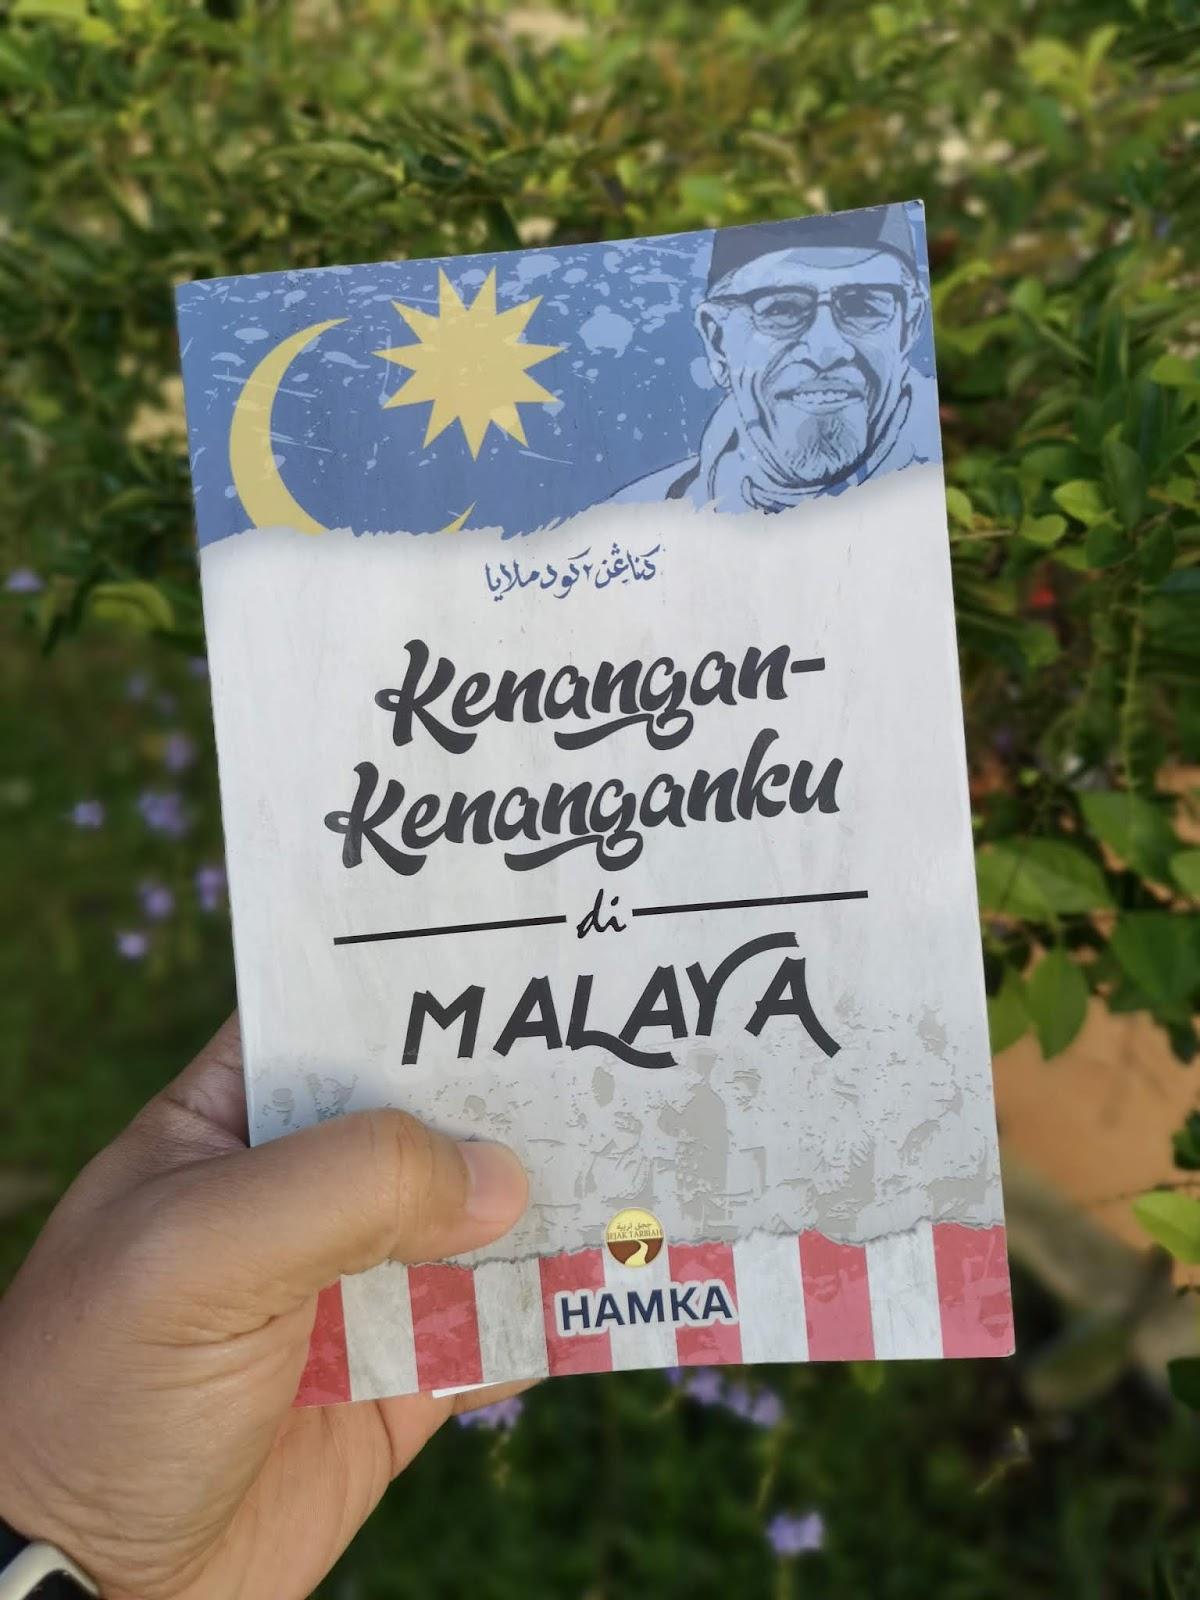 Kenangan-kenanganku Di Malaya (Hamka)